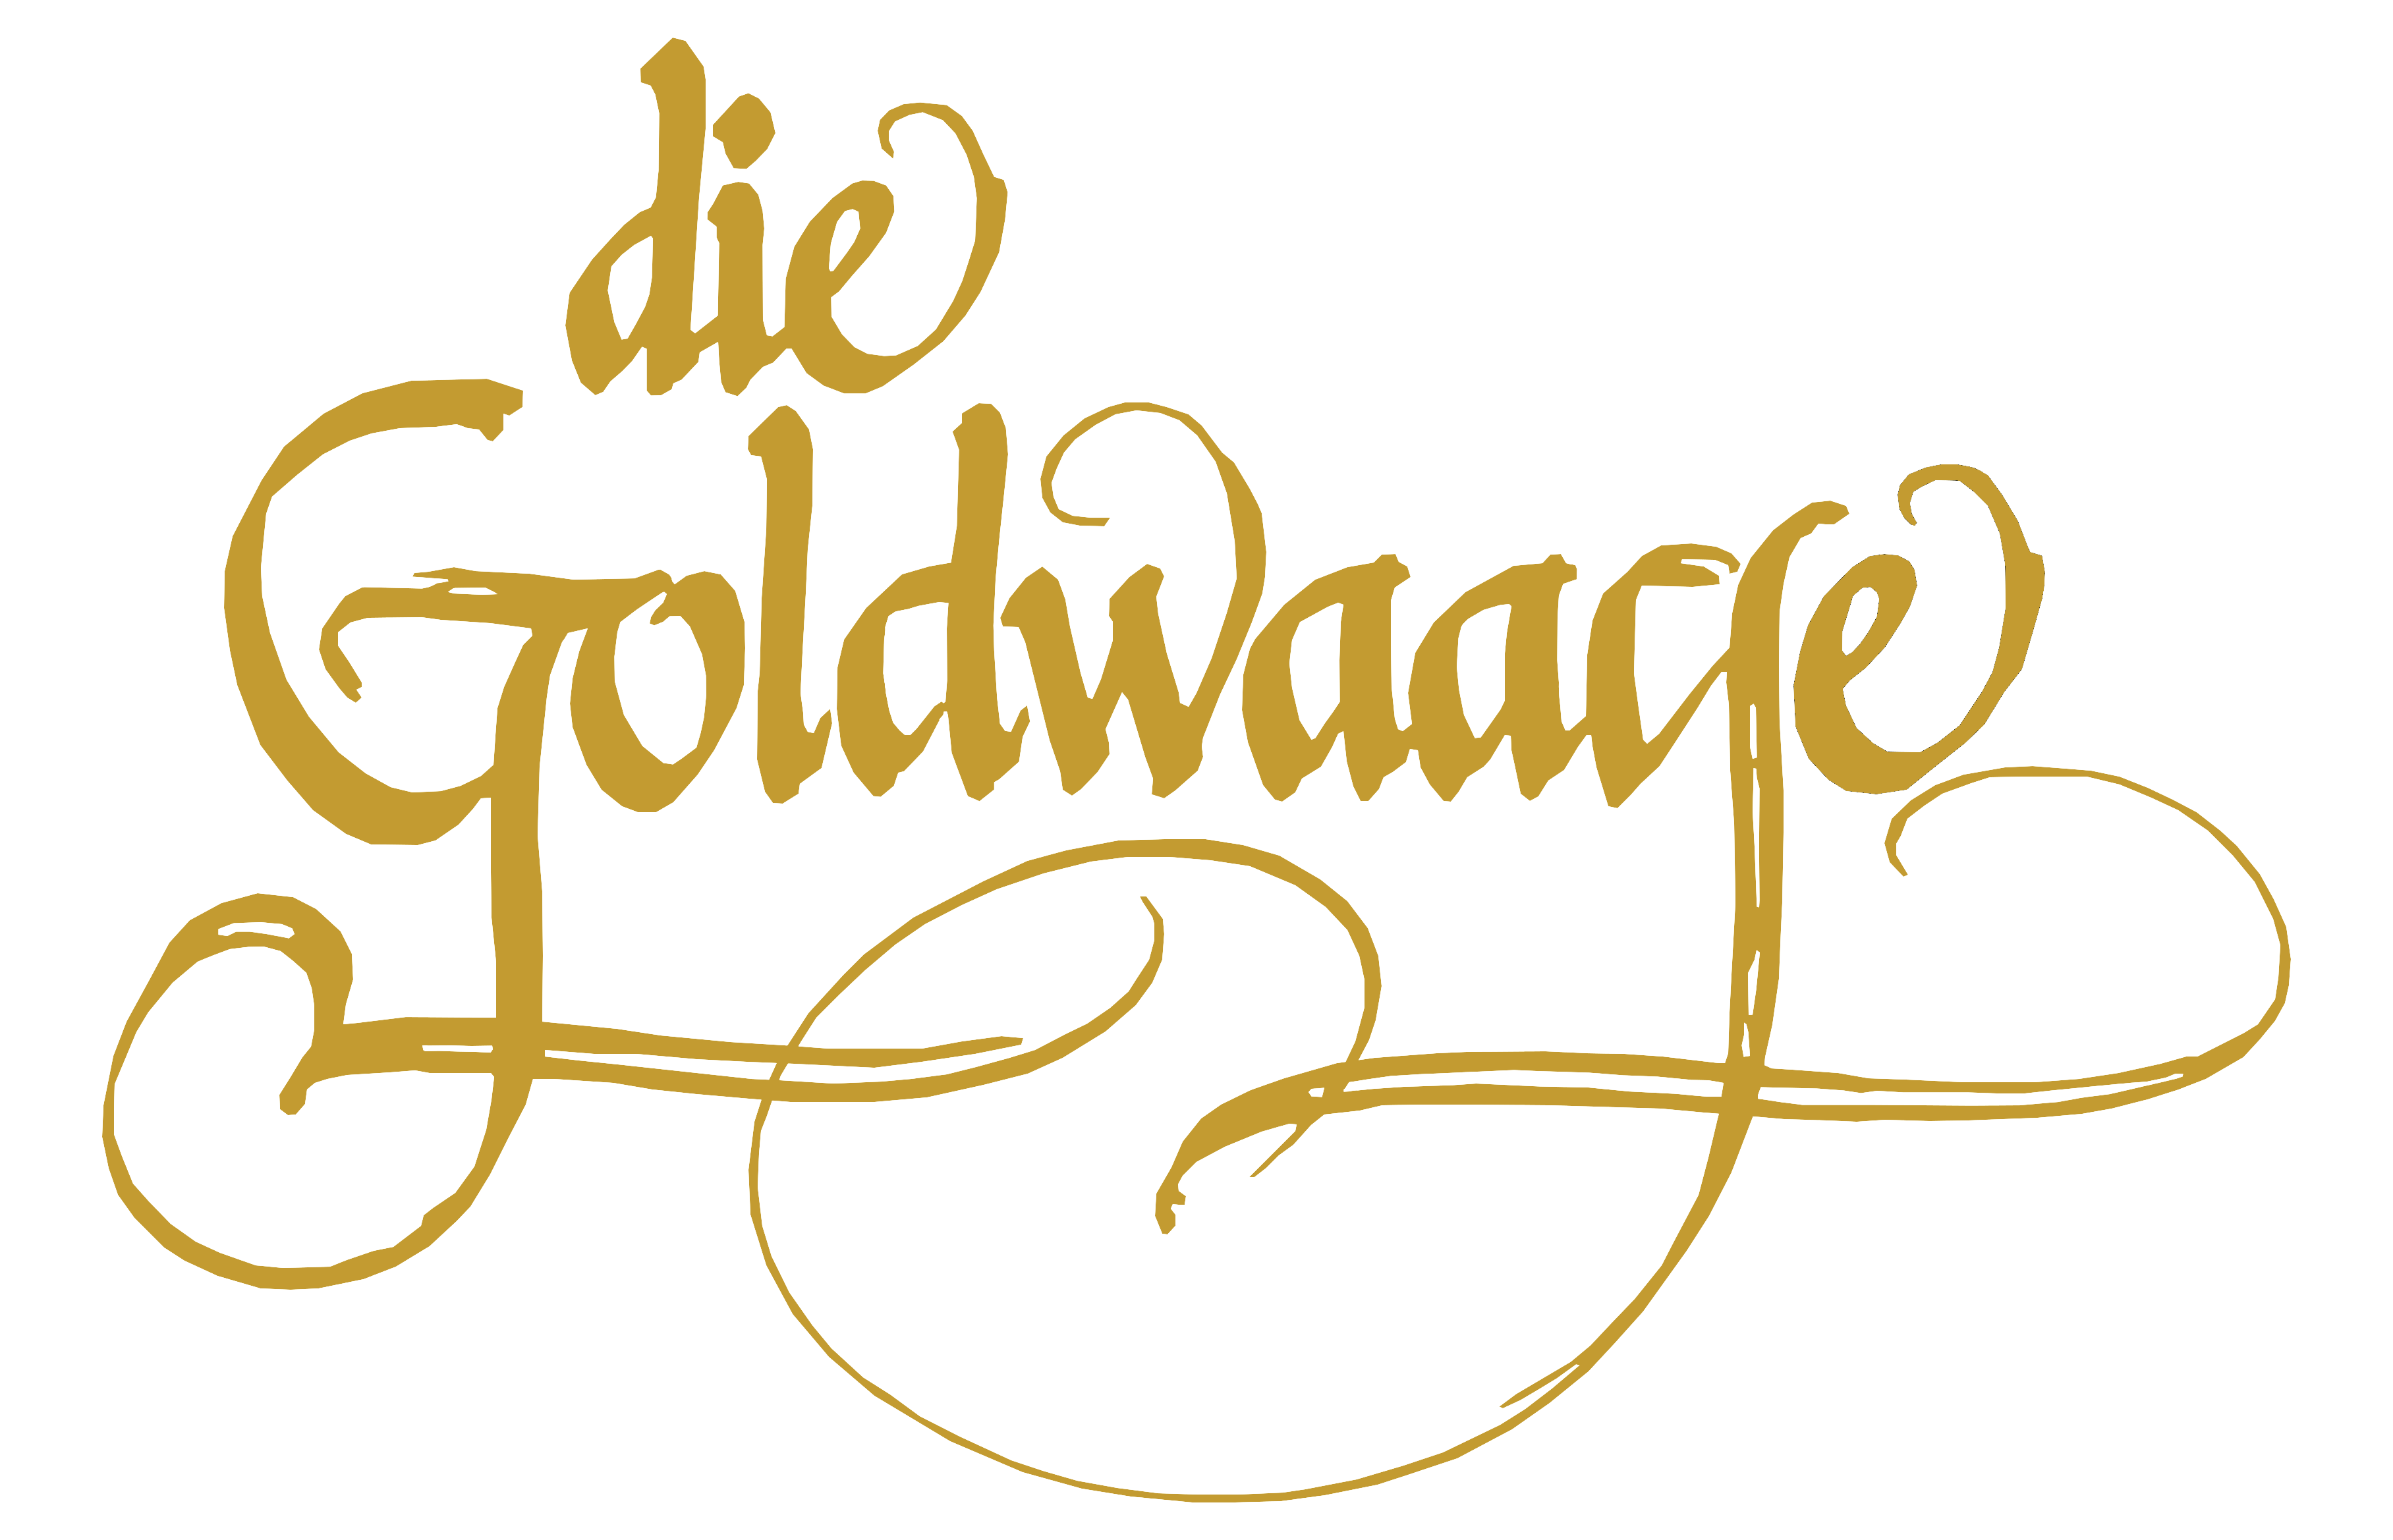 Goldankauf Goldwaage